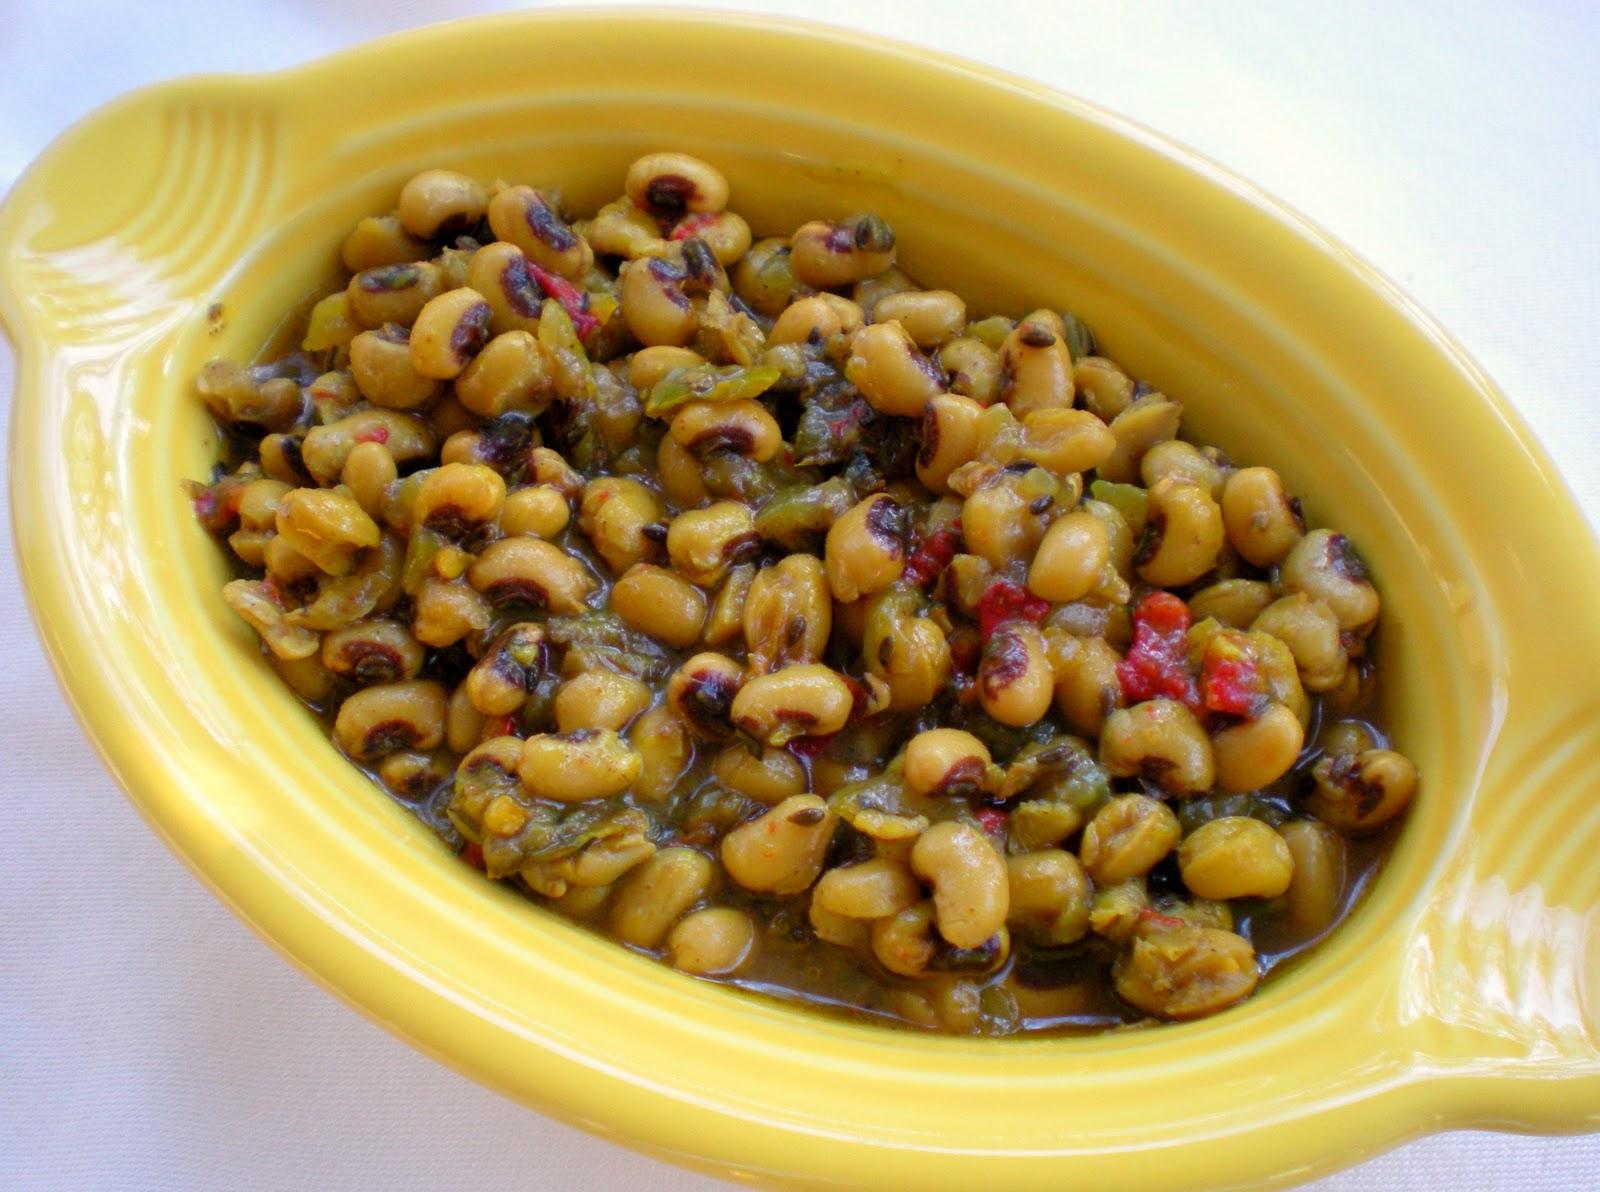 https://2.bp.blogspot.com/_vWpgRcOfMMk/TRZYcClYIDI/AAAAAAAAA0k/iBnybV0BmaU/s1600/black+eyed+peas+indian.jpg